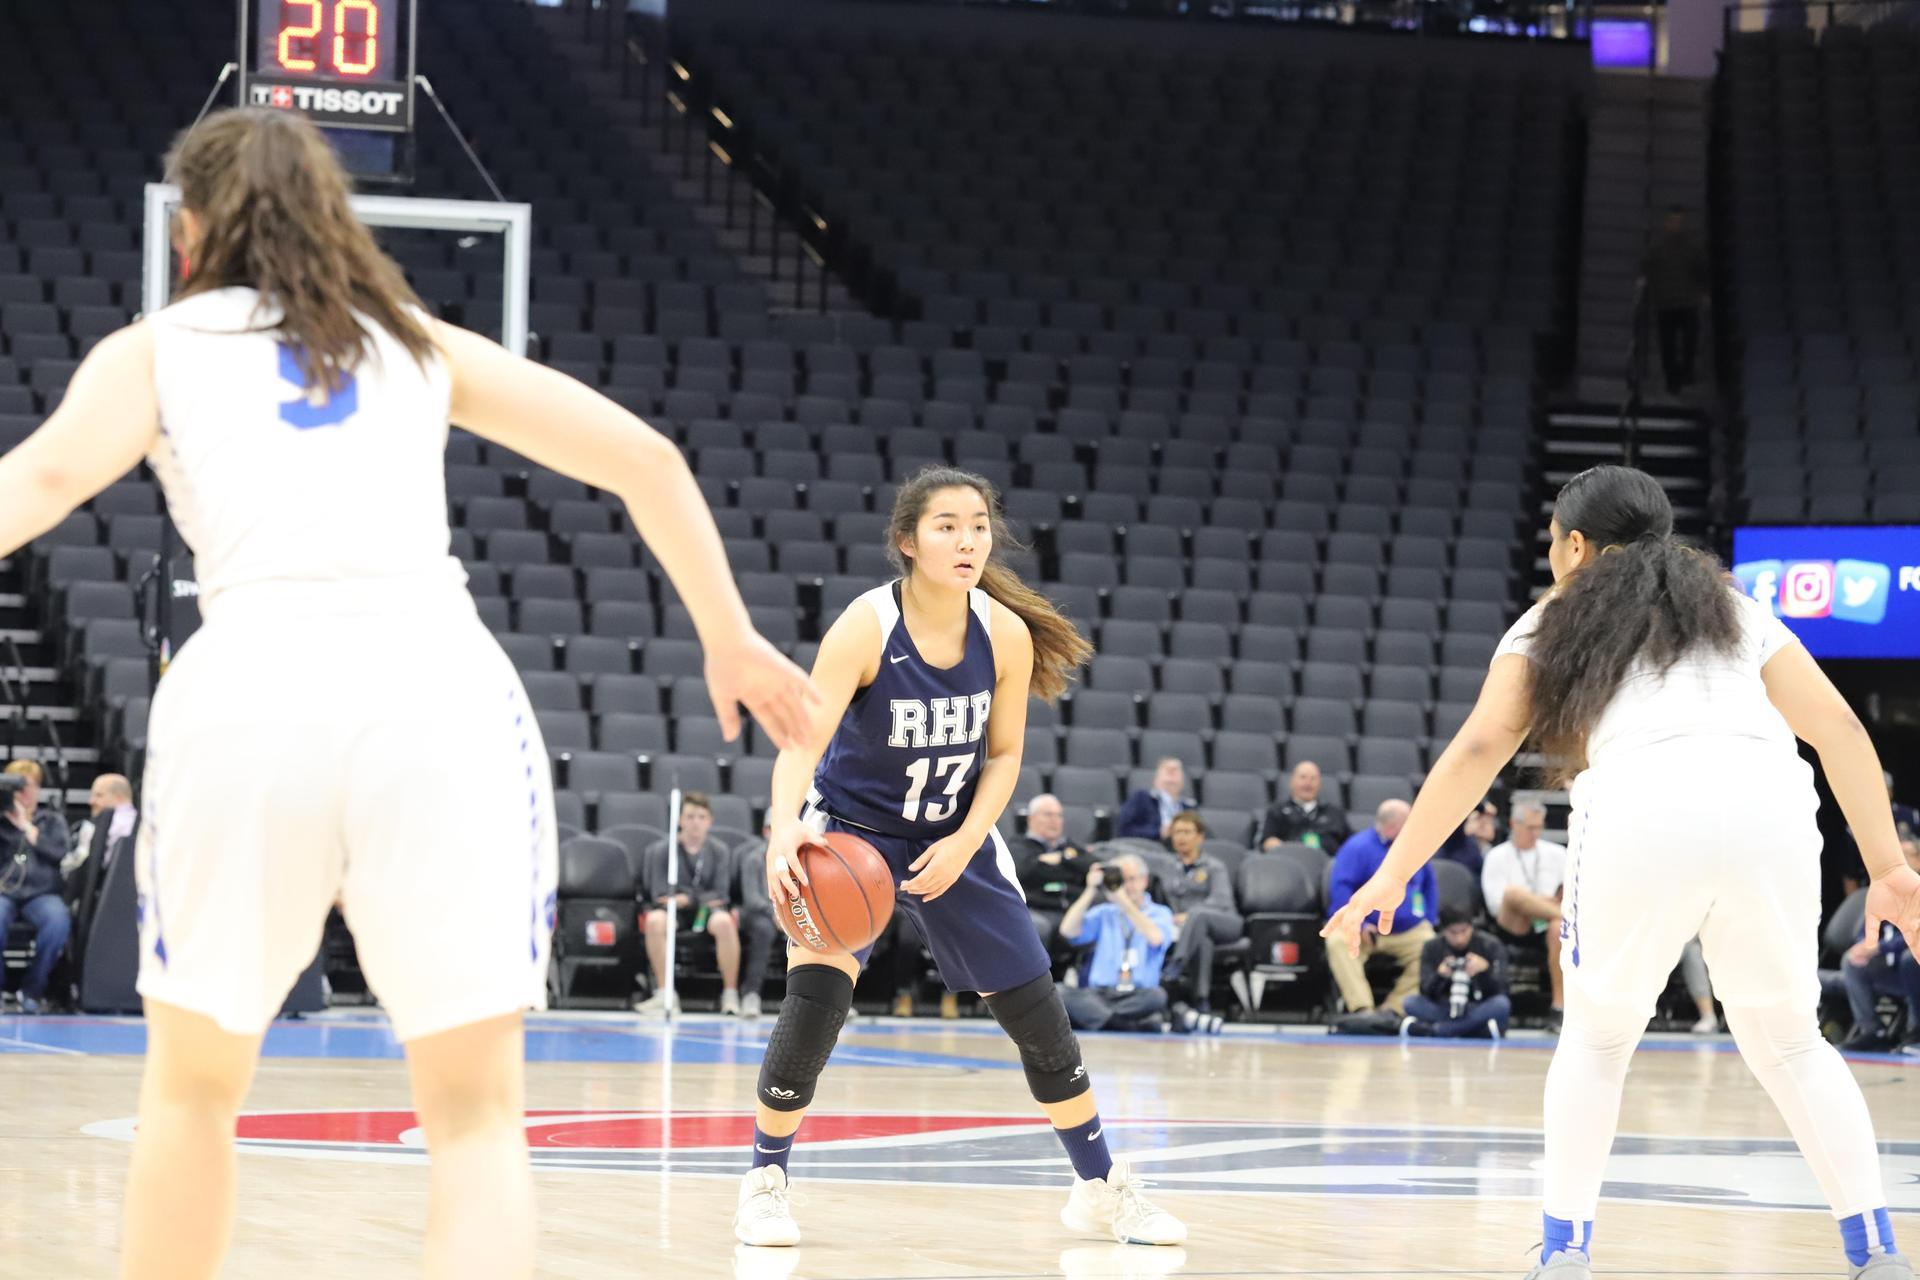 在CIF州锦标赛上的校队女子篮球比赛.